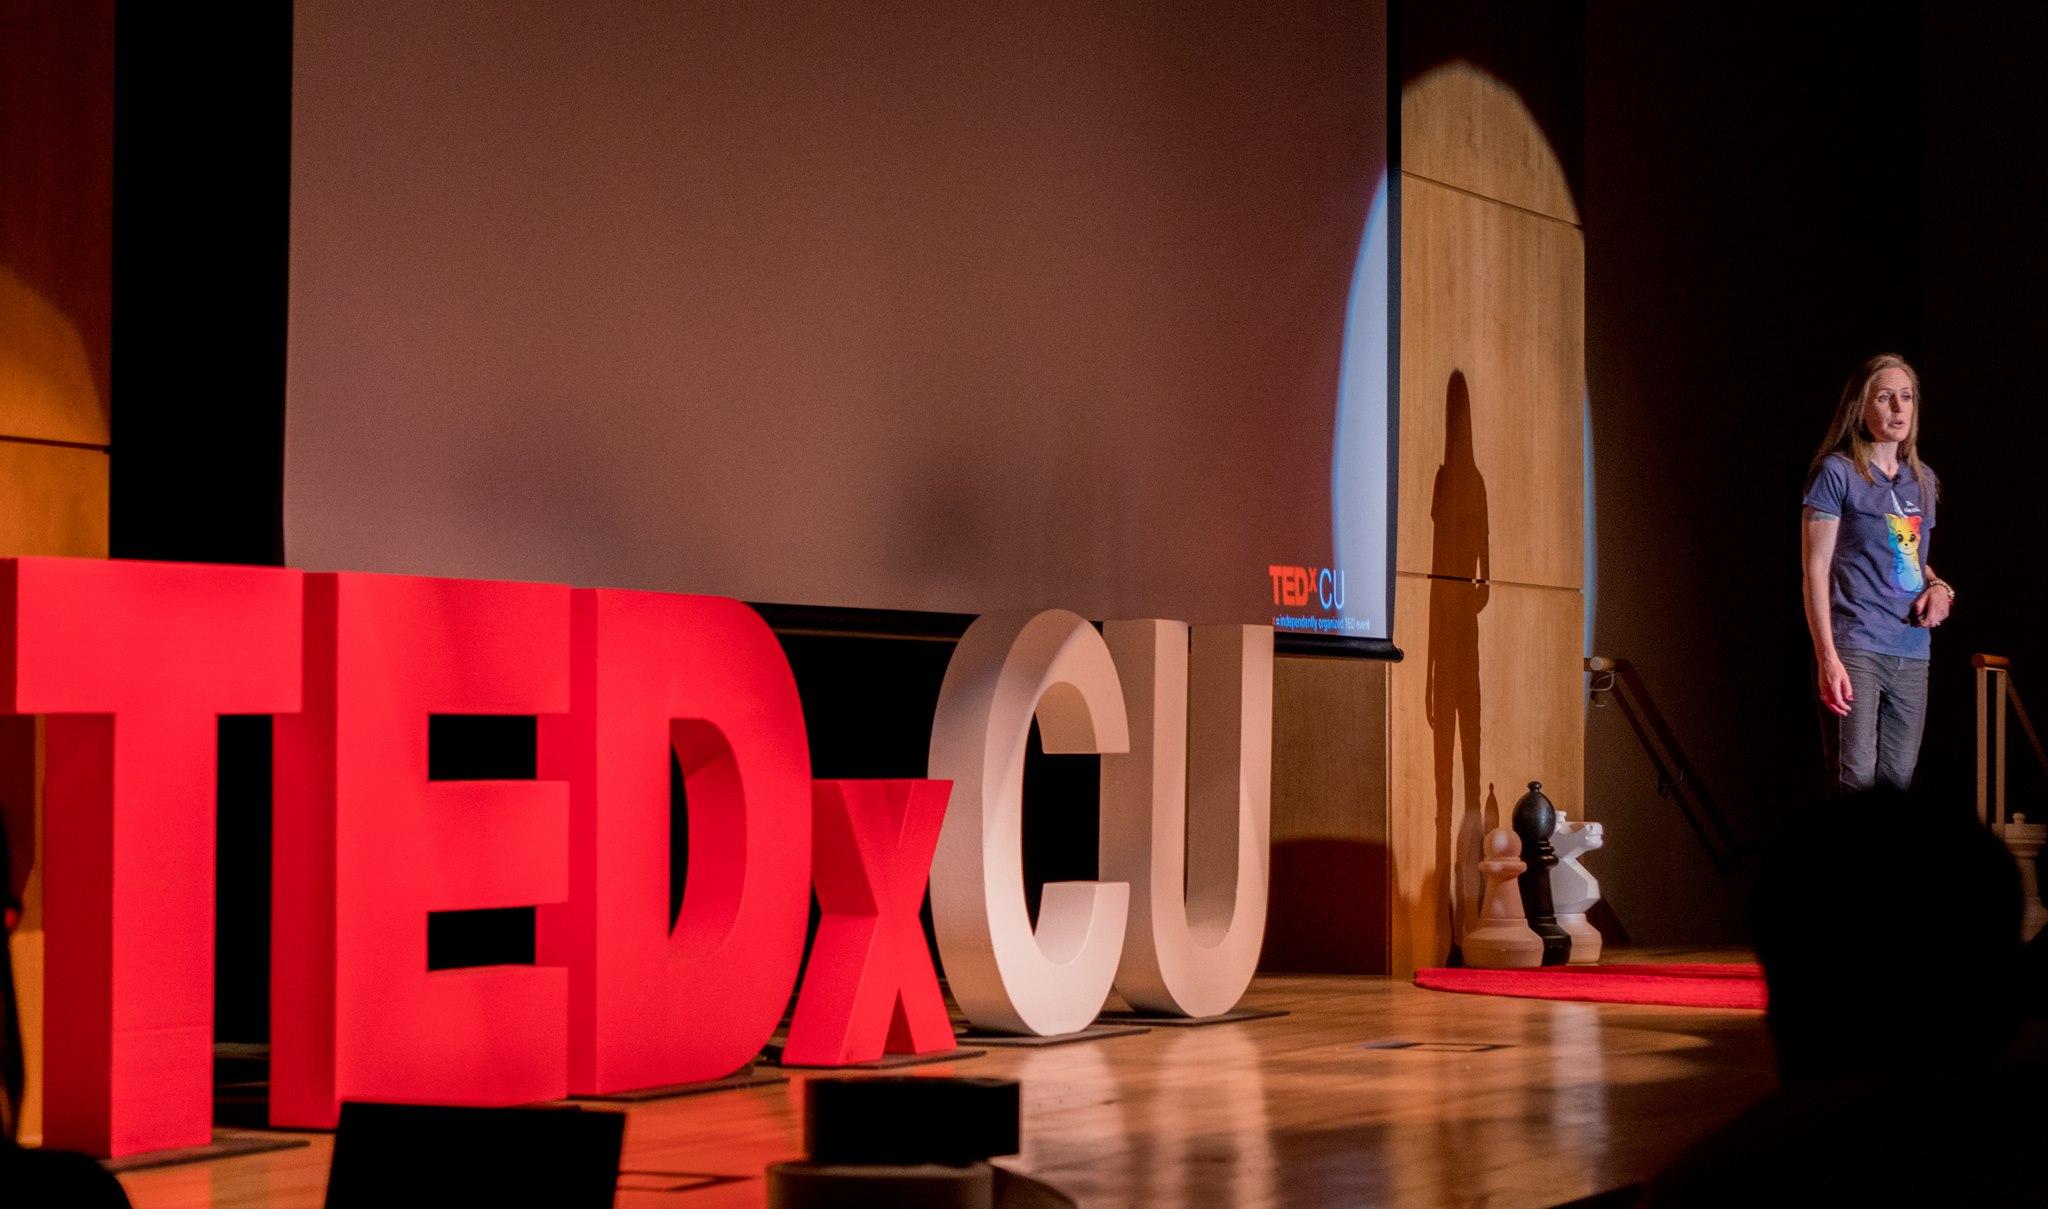 TEDxCU Stage.jpg